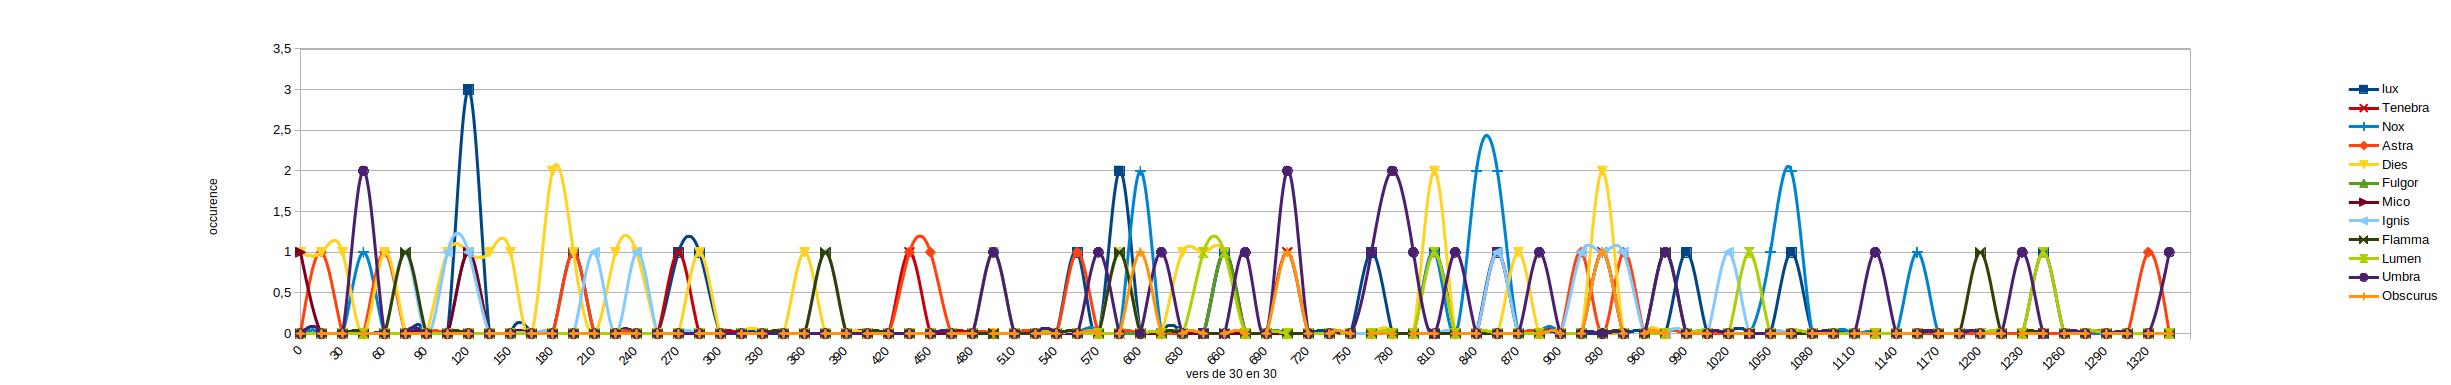 graphique représentant les occurrences des différents termes du champ lexical de la lumière et de l'ombre dans l'Hercule furieux de Sénèque chaque terme est représenté par une ligne les termes sont lux tenebra nox astra dies fulgor mico ignis flamma lumen umbra obscurus